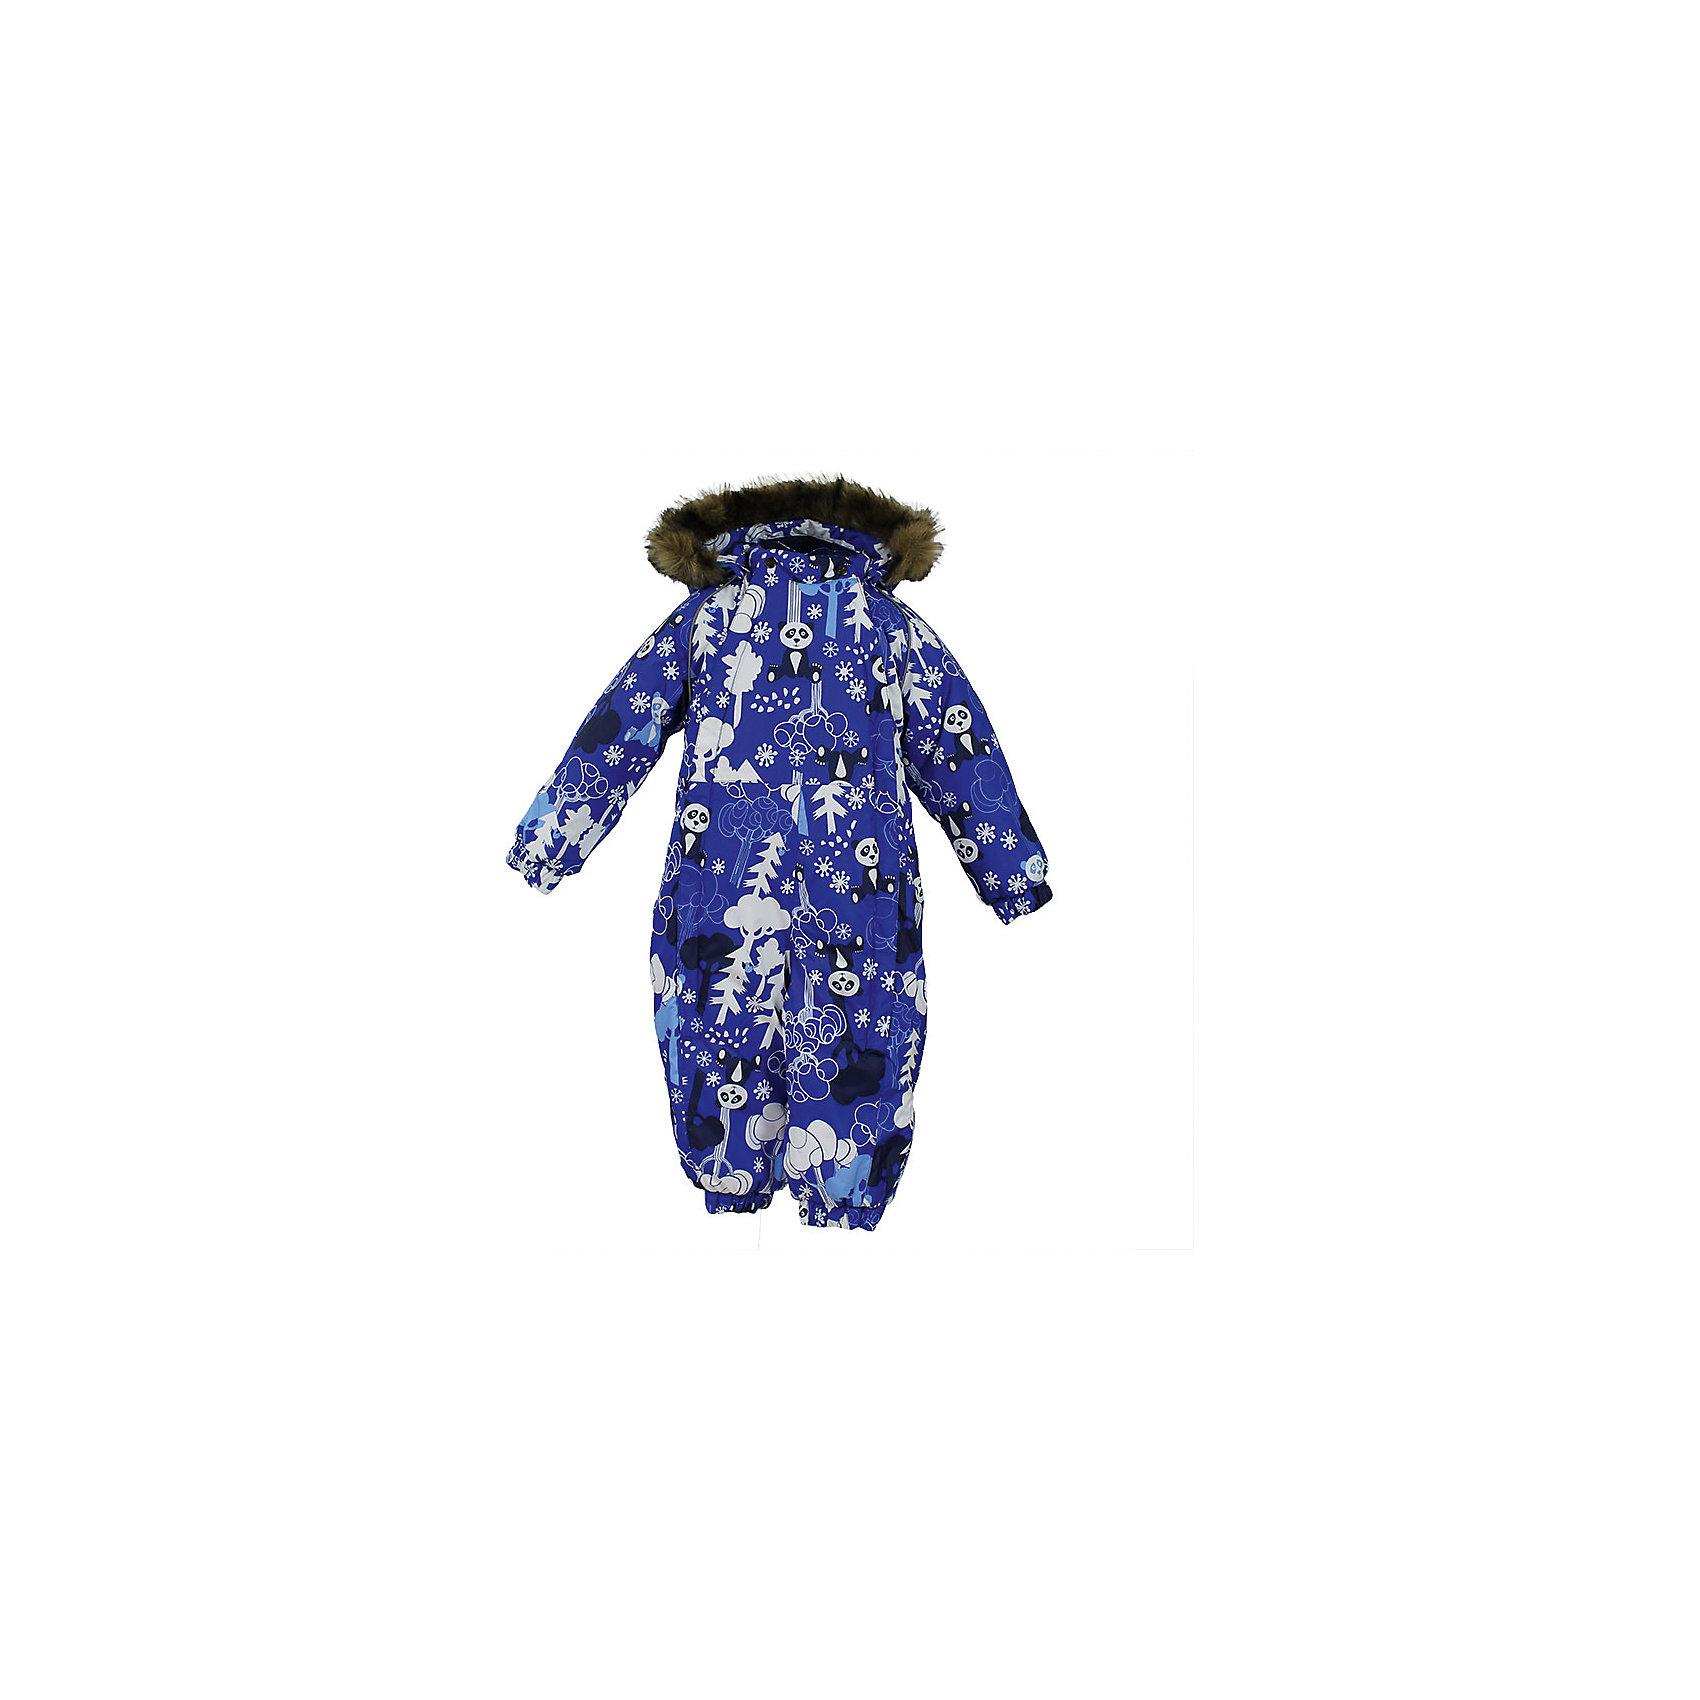 Комбинезон KEIRA HuppaВерхняя одежда<br>Характеристики товара:<br><br>• модель: Keira;<br>• цвет: синий принт;<br>• пол: мальчик;<br>• состав: 100% полиэстер;<br>• утеплитель: нового поколенияHuppaTherm, 300 гр.;<br>• подкладка: 100% хлопок,фланель;<br>• сезон: зима;<br>• температурный режим: от -5 до - 30С;<br>• водонепроницаемость: 5000 мм;<br>• воздухопроницаемость: 5000 г/м2/24ч;<br>• водо- и ветронепроницаемый, дышащий и грязеотталкивающий материал;<br>• особенности модели: c рисунком, с мехом на капюшоне;<br>• капюшон для большего удобства крепится на кнопки и, при необходимости, отстегивается;<br>• мех на капюшоне не съемный;<br>• сидельныйшов проклеен водостойкой лентой, для дополнительной защиты от протекания;<br>• светоотражающих элементов для безопасности ребенка;<br>• две боковые молнии;<br>• эластичные манжеты на резинках, с отворотом (у размеров 68-80);<br>• манжеты брюк на резинке;<br>• съемные силиконовые штрипки;<br>• у брючин отсутствуют внутренние швы;<br>• страна бренда: Финляндия;<br>• страна изготовитель: Эстония.<br><br>Комбинезон Keira зимний - отличный вариант для холодной зимы.Важный критерий при выборе комбинезона для мальчика - это количество утеплителя, ведь малыши еще малоподвижны. поэтому комбинезон должен быть теплым.<br><br> В модели Keira 300 грамм утеплителя, которые обеспечат тепло и комфорт ребенку при температуре от -5 до -30 градусов. Подкладка — из 100% хлопка ( фланель).<br><br>Функциональные элементы: капюшон отстегивается с помощью кнопок, мех пришит, манжеты на резинке,с отворотом у размеров 68-80. Сидельныйшов проклеен водостойкой лентой, для дополнительной защиты от протекания, две длинные молнии для удобного надевания, манжеты брюк на резинке, у брючин отсутствуют внутренние швы, съемные силиконовые штрипки, светоотражающие элементы.<br><br>Комбинезон Keira для мальчика Huppa (Хуппа) можно купить в нашем интернет-магазине.<br><br>Ширина мм: 356<br>Глубина мм: 10<br>Высота мм: 245<br>Вес г: 519<br>Цвет: синий<br>Возраст 